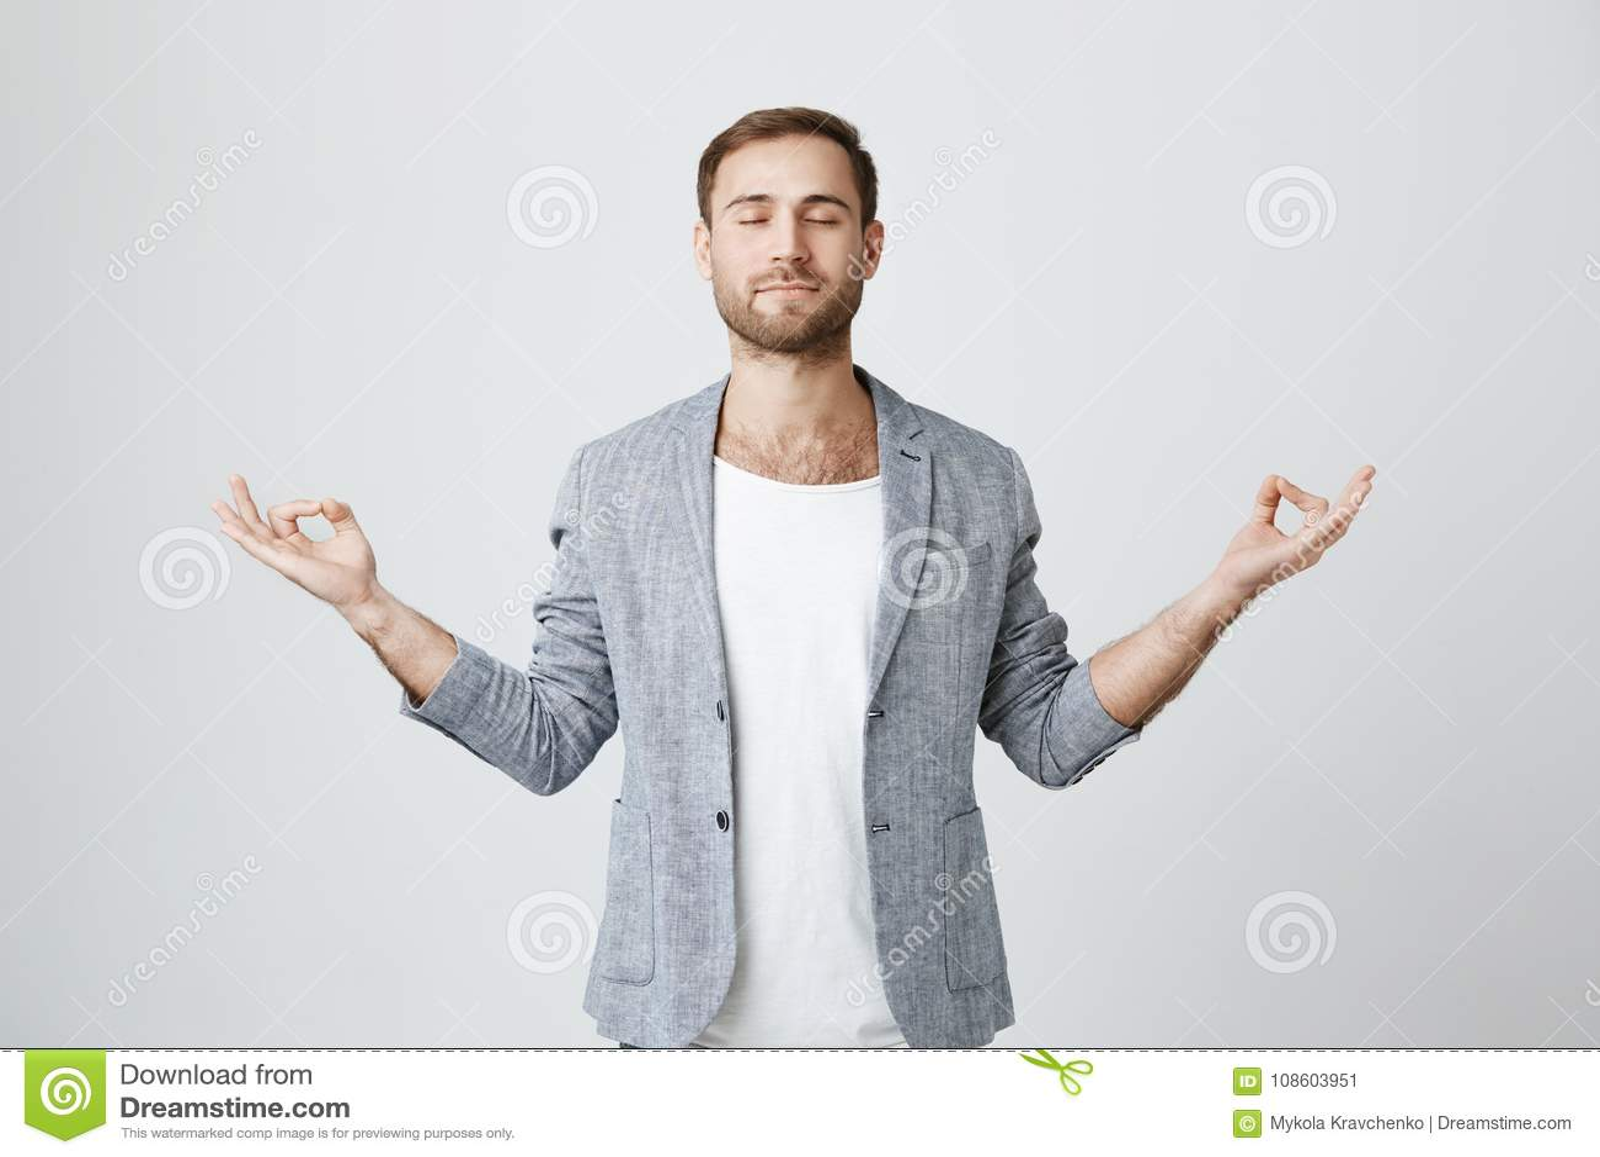 Γιόγκα και περισυλλογή Το όμορφο άτομο με τη γενειάδα έντυσε στο σακάκι που κρατά τις προσοχές ιδιαίτερες meditating, αίσθημα χαλ